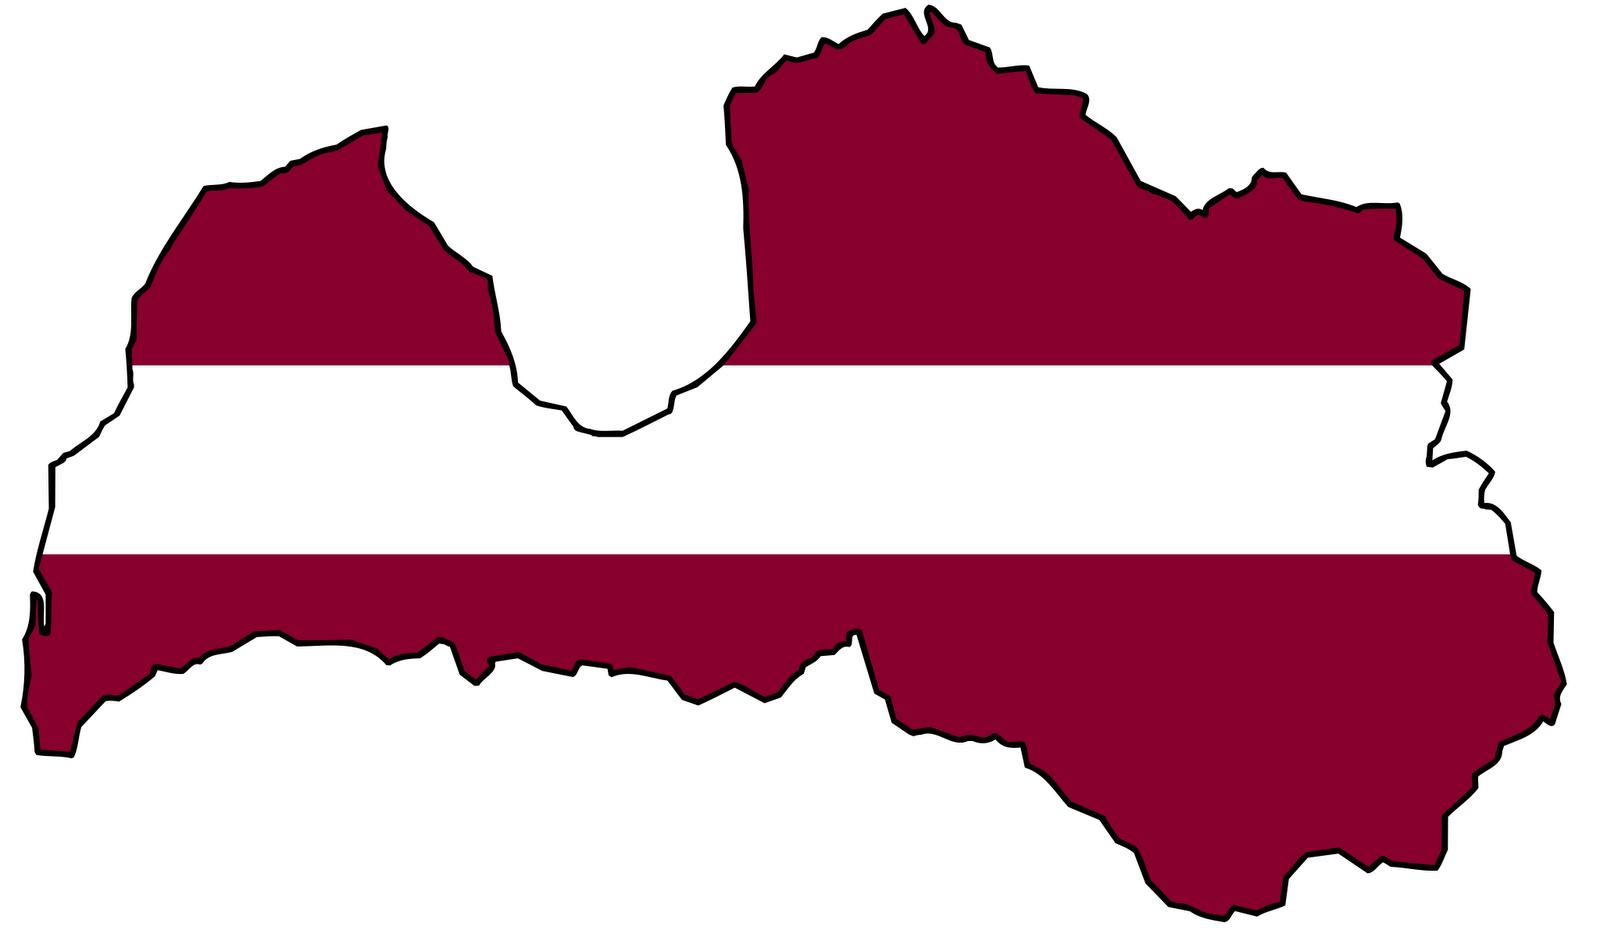 Latvia clipart.